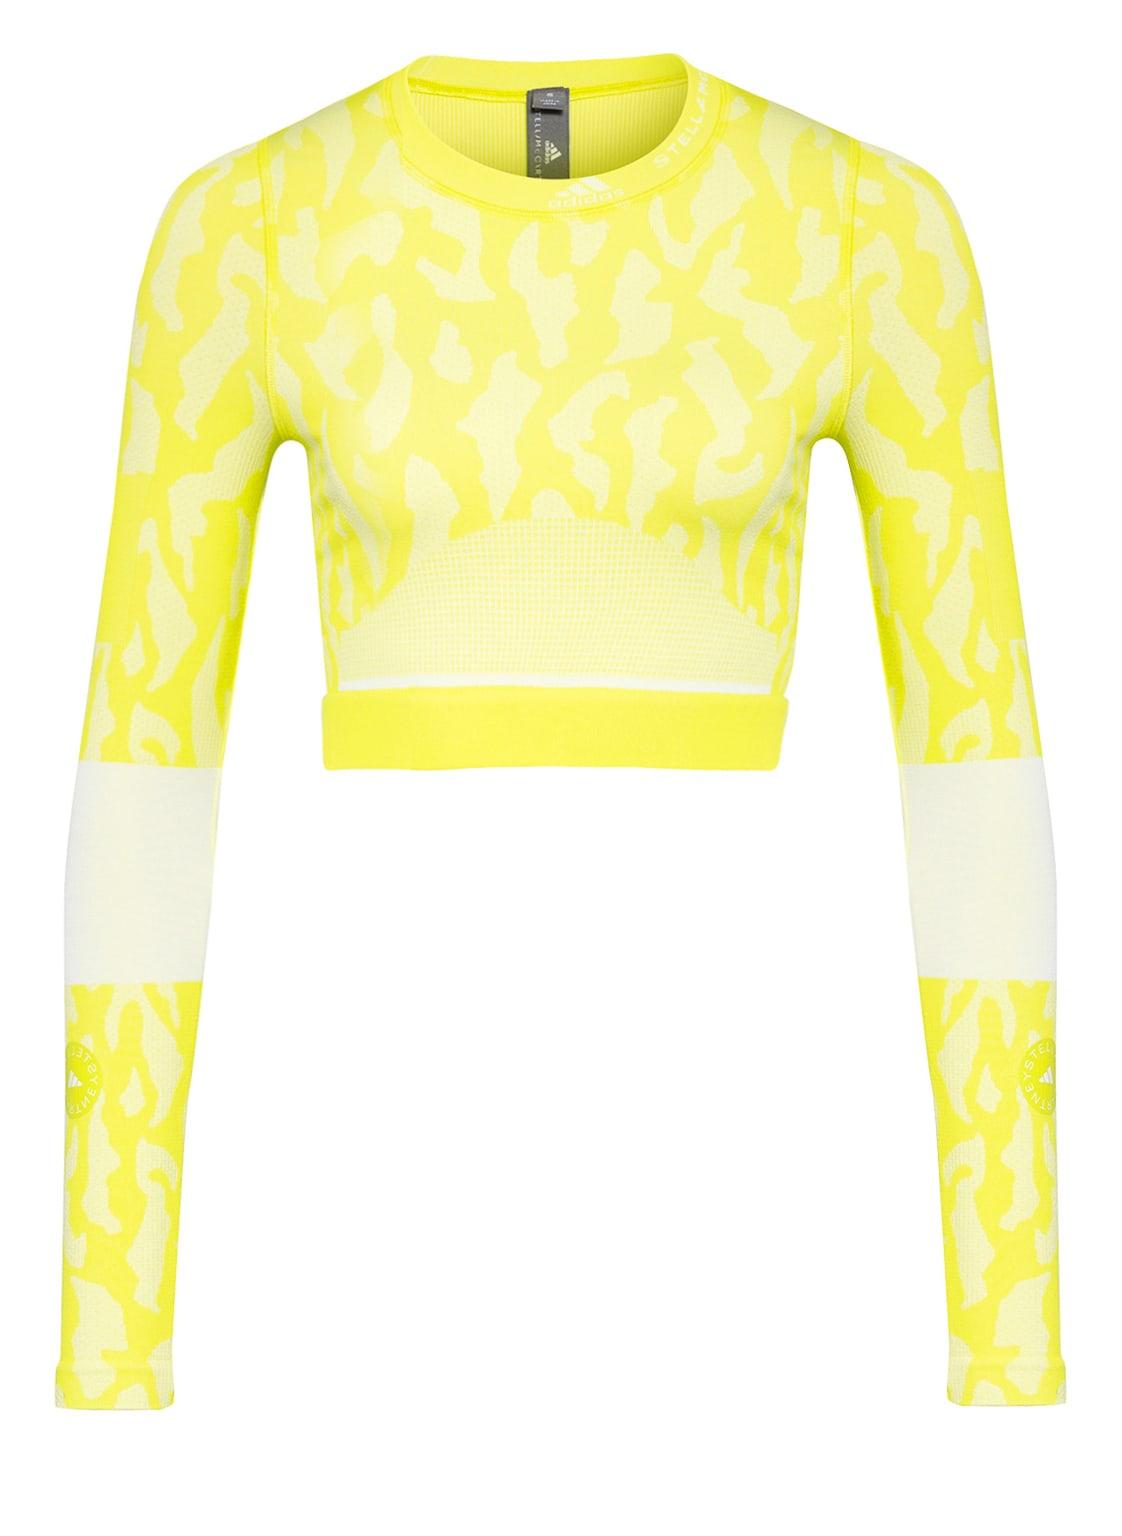 Image of Adidas By Stella Mccartney Cropped-Longsleeve Truepurpose gelb